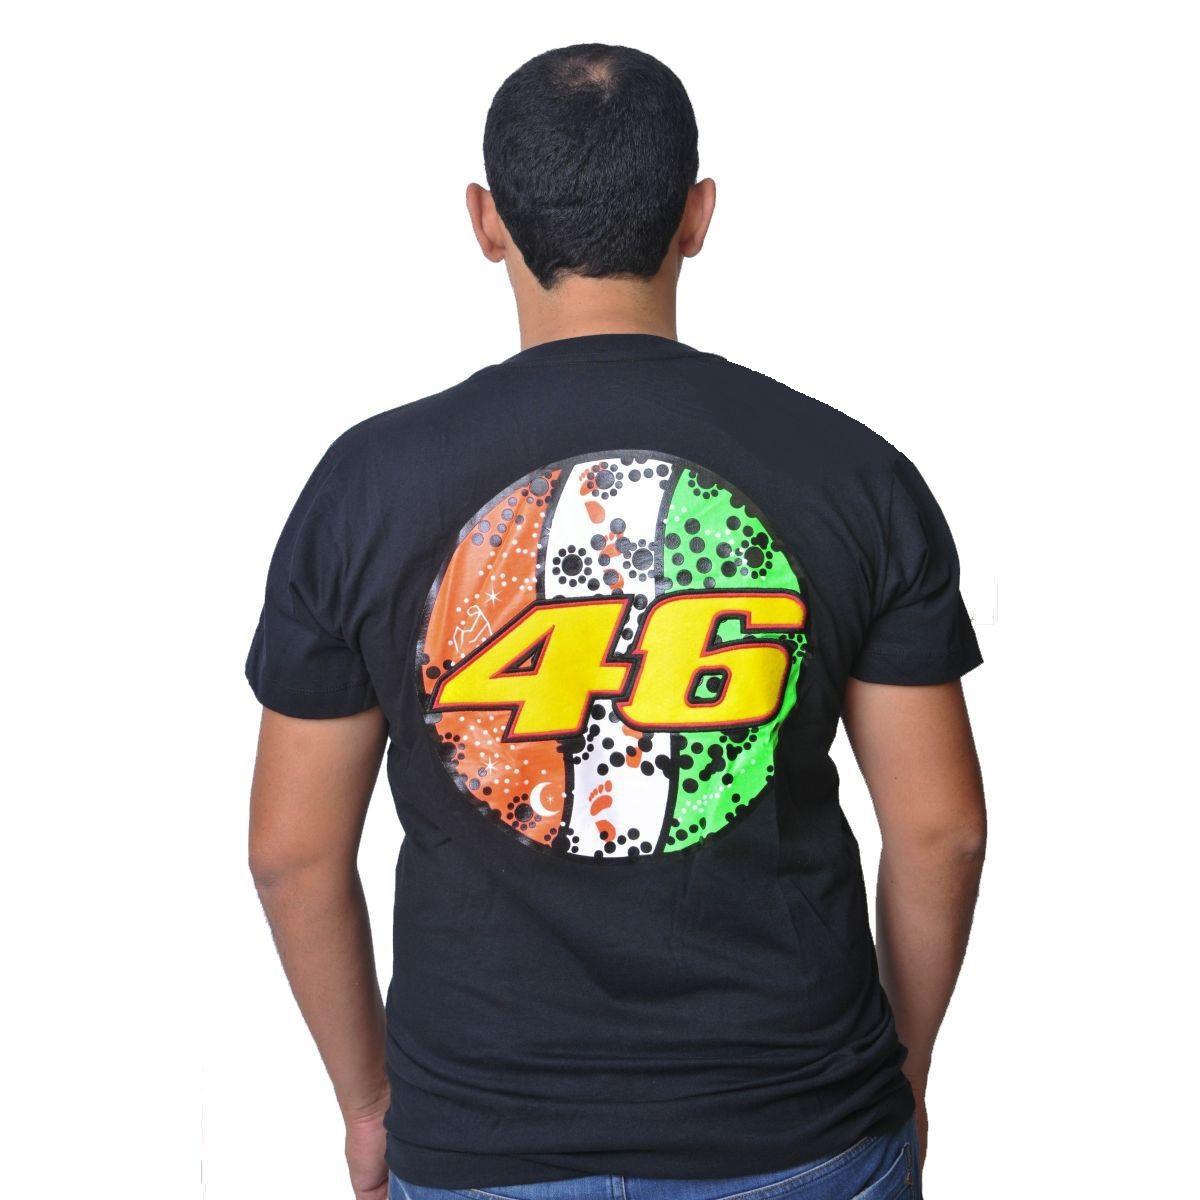 Camiseta Valentino Rossi The Doctor 46 Premium Powered